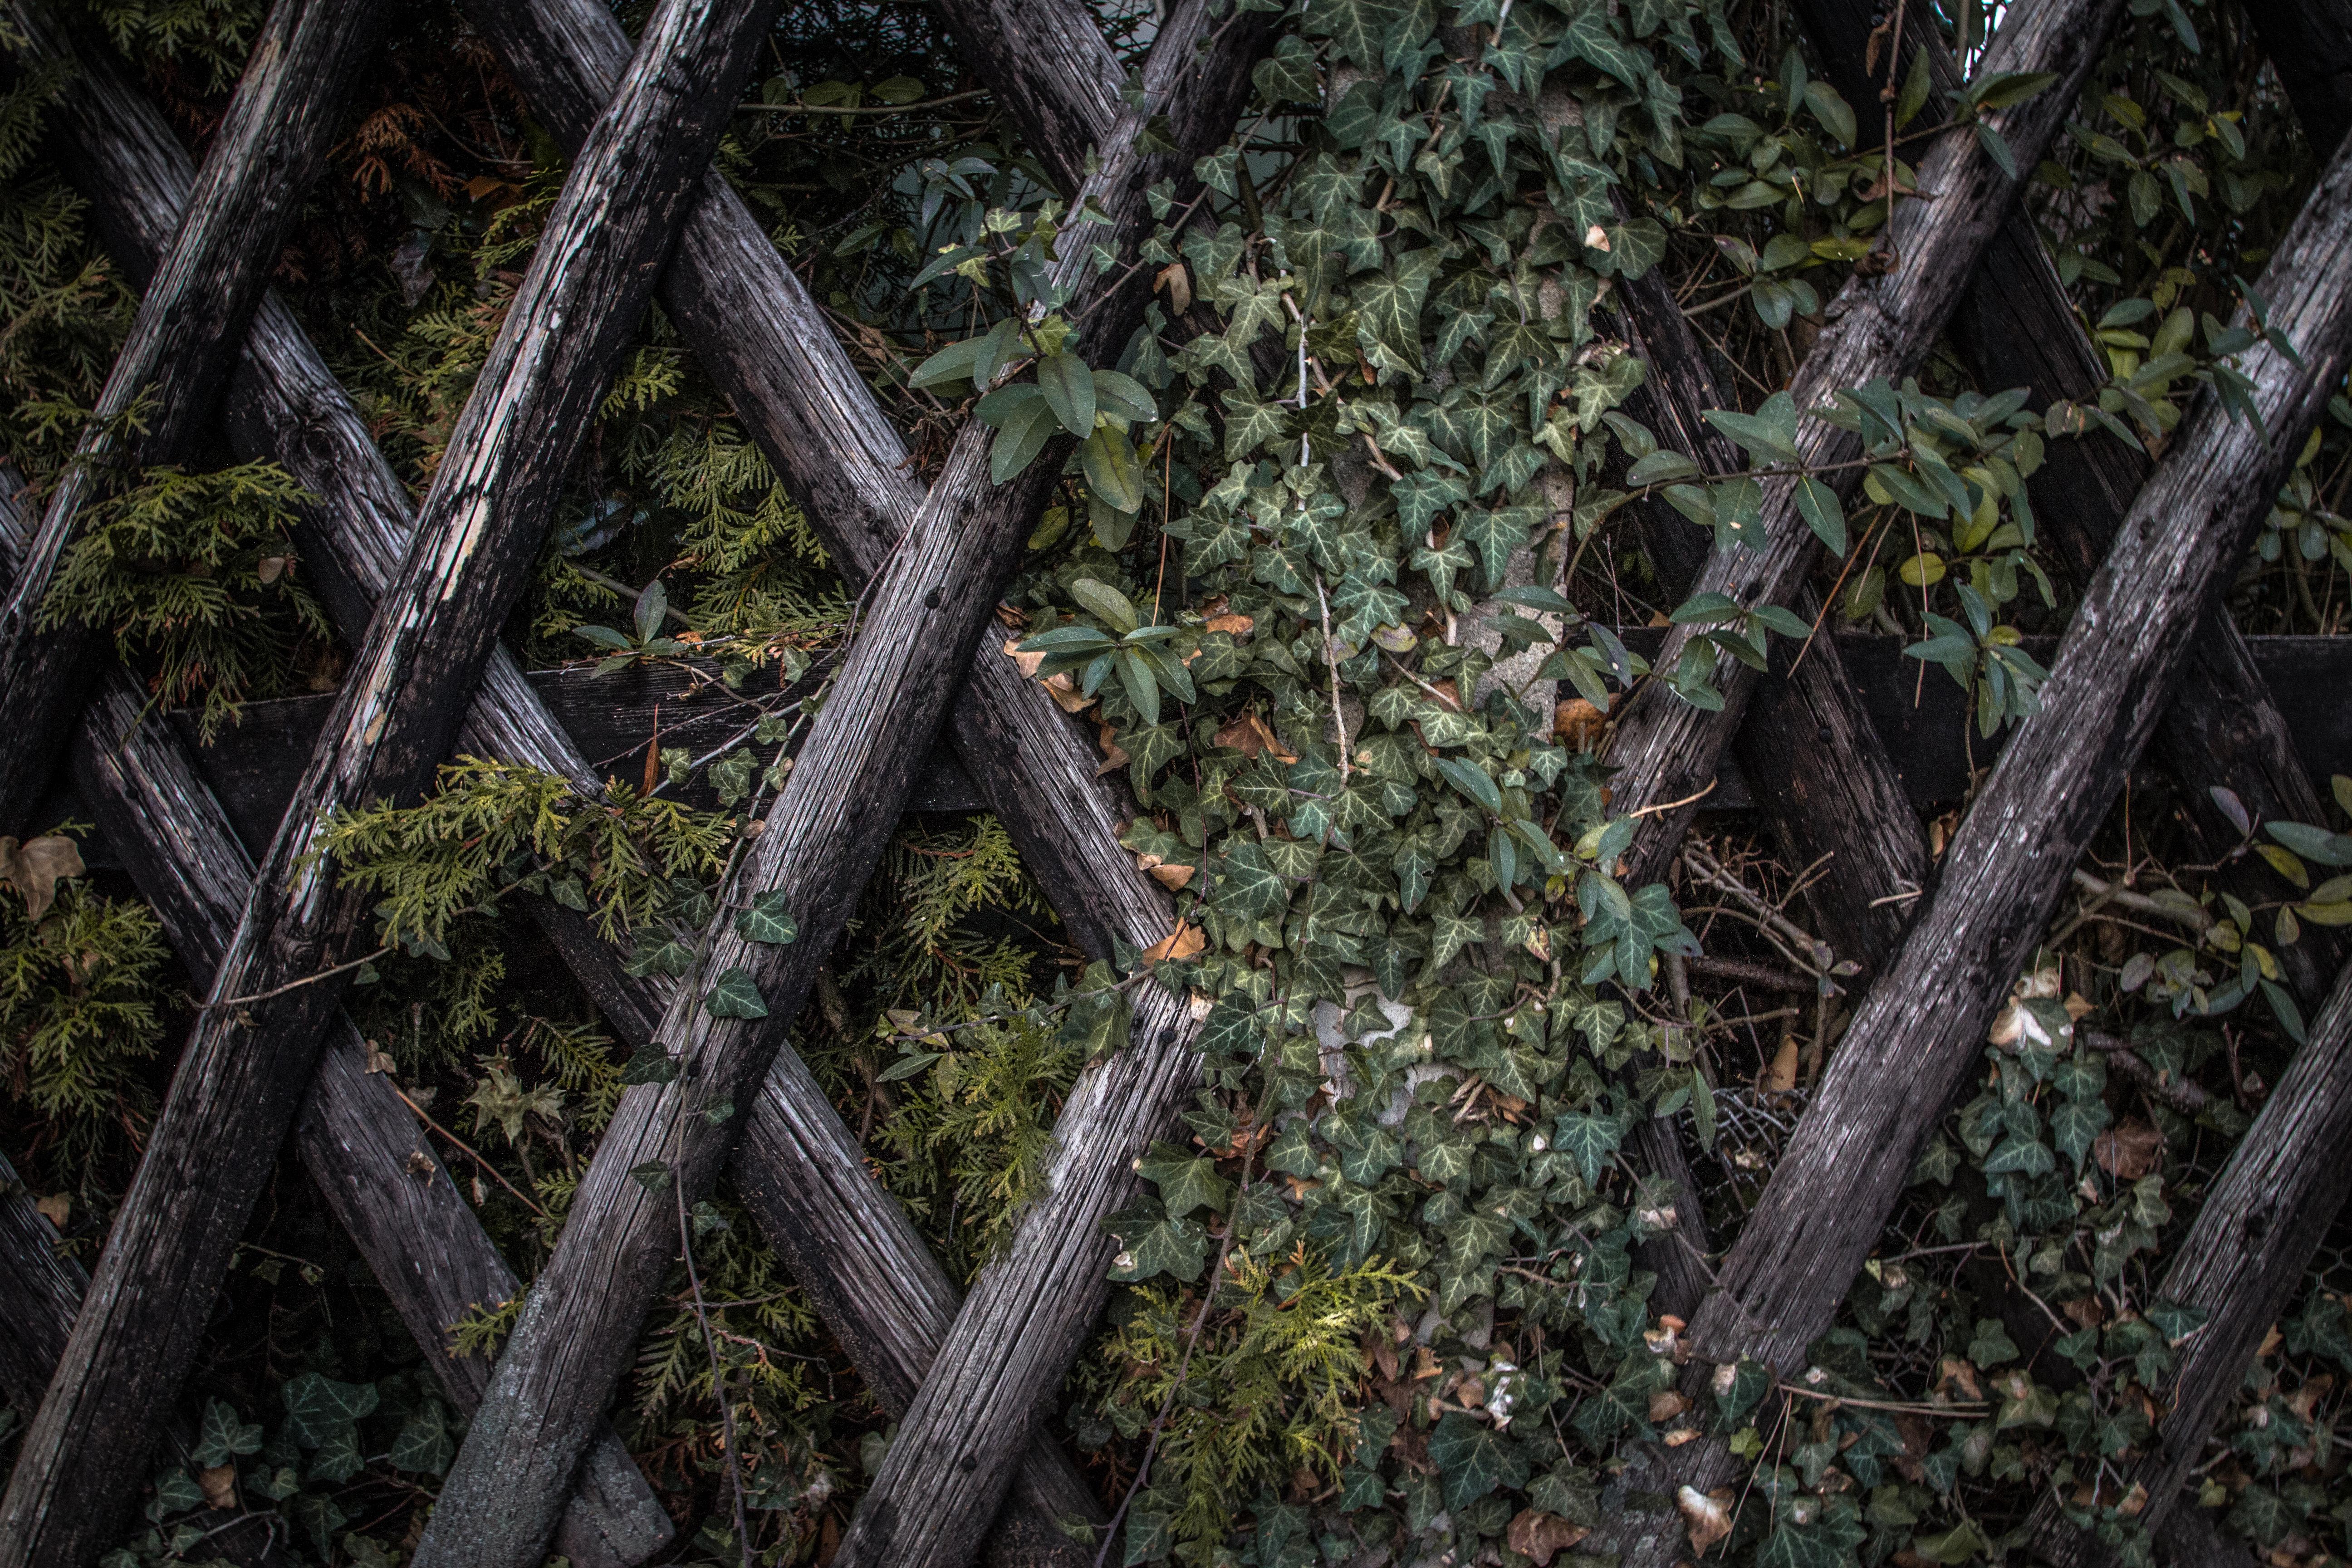 Fabriquer Treillis Bois Pour Plantes Grimpantes comment installer du treillis : notre guide en 3 étapes !